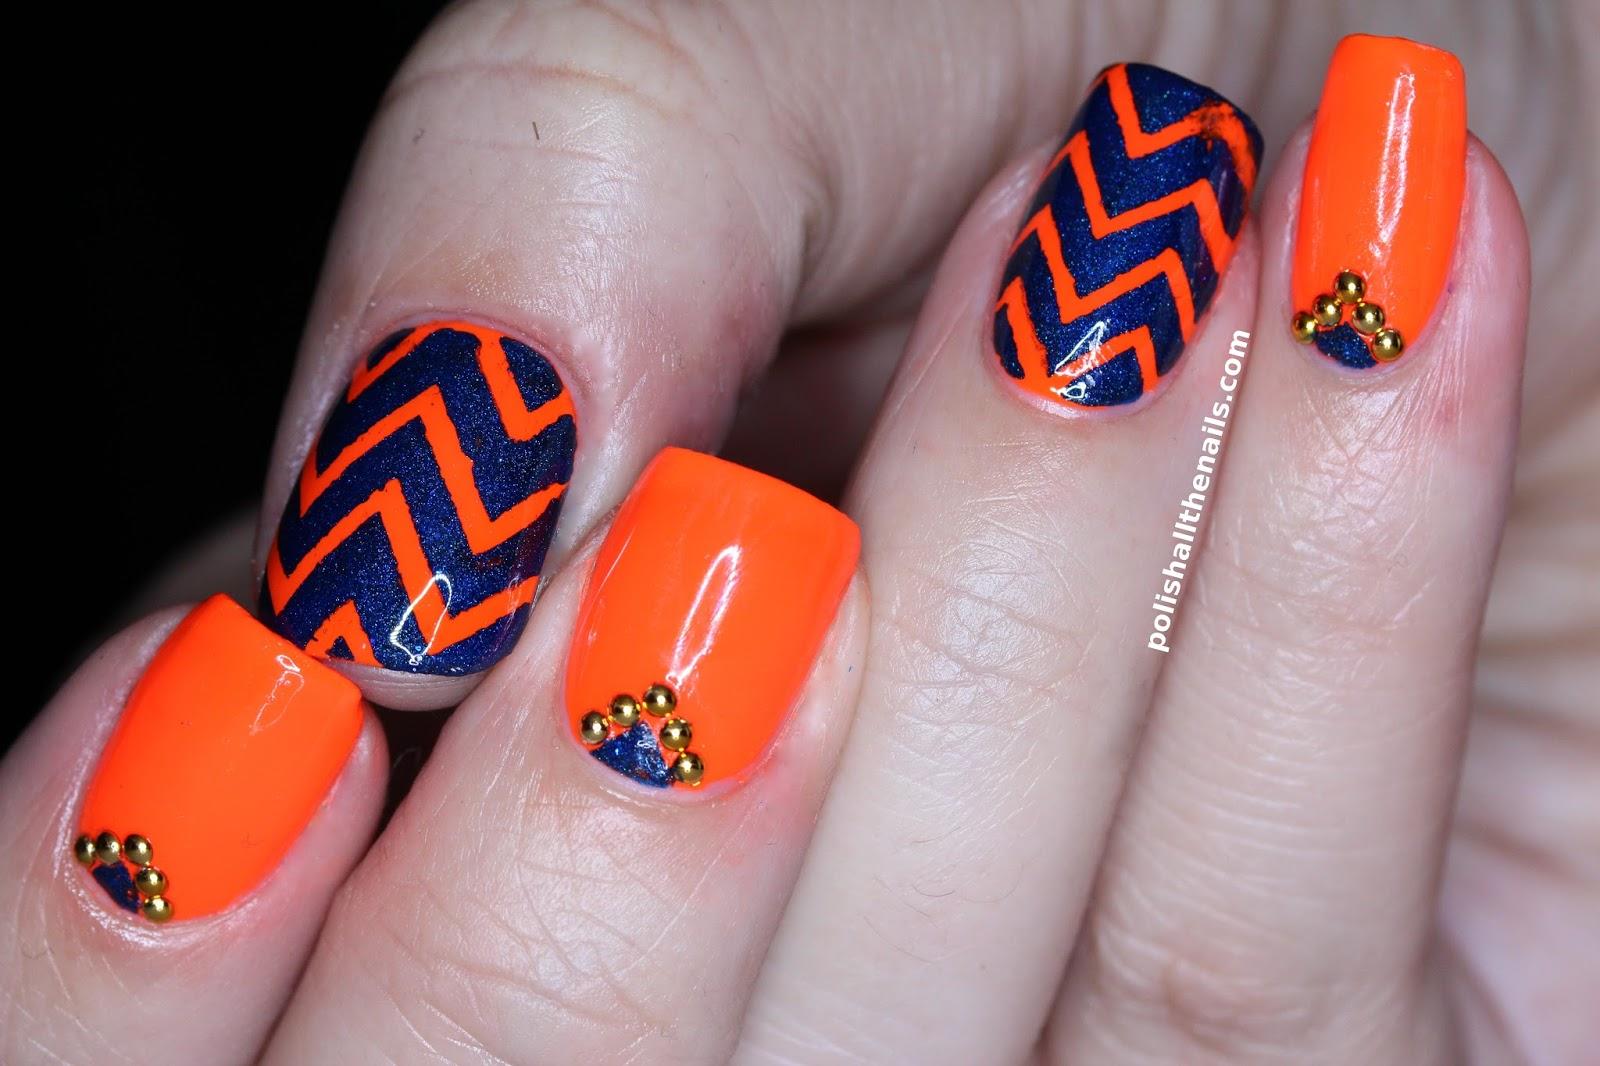 Nails - Tagged with: chevron nails, zig zag chevron nails, zig zag